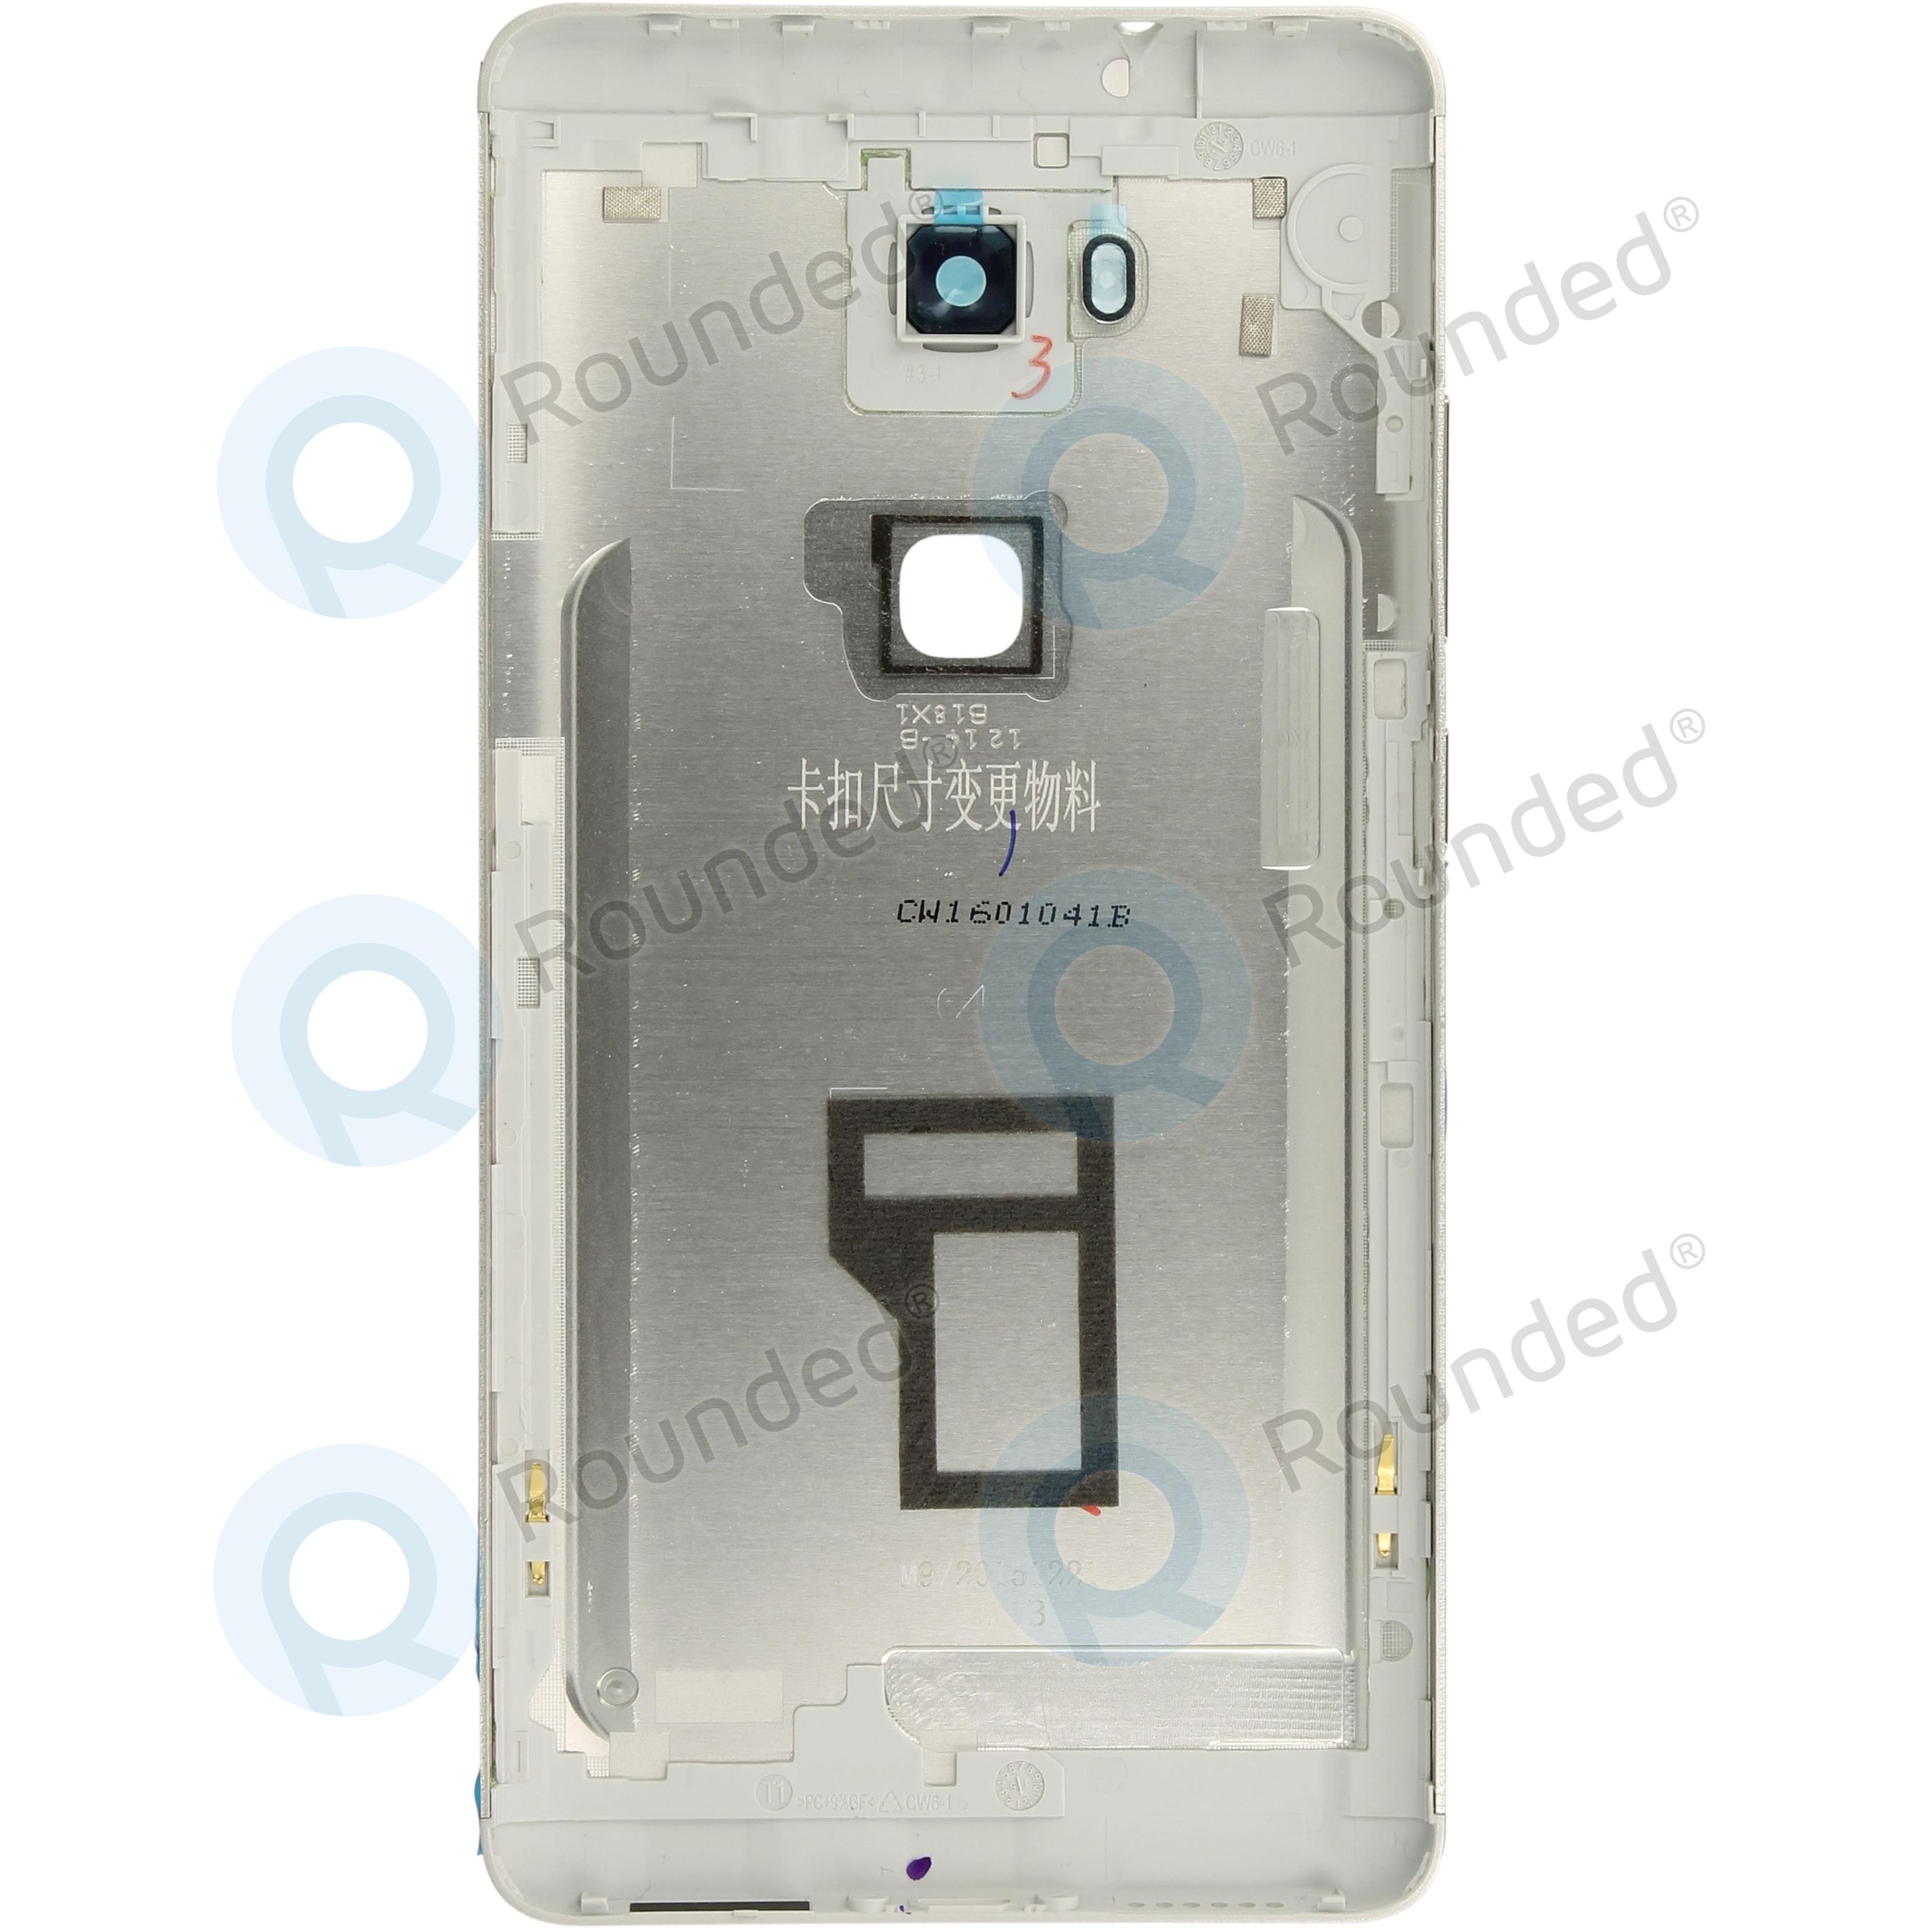 Huawei honor 5x kiw l21